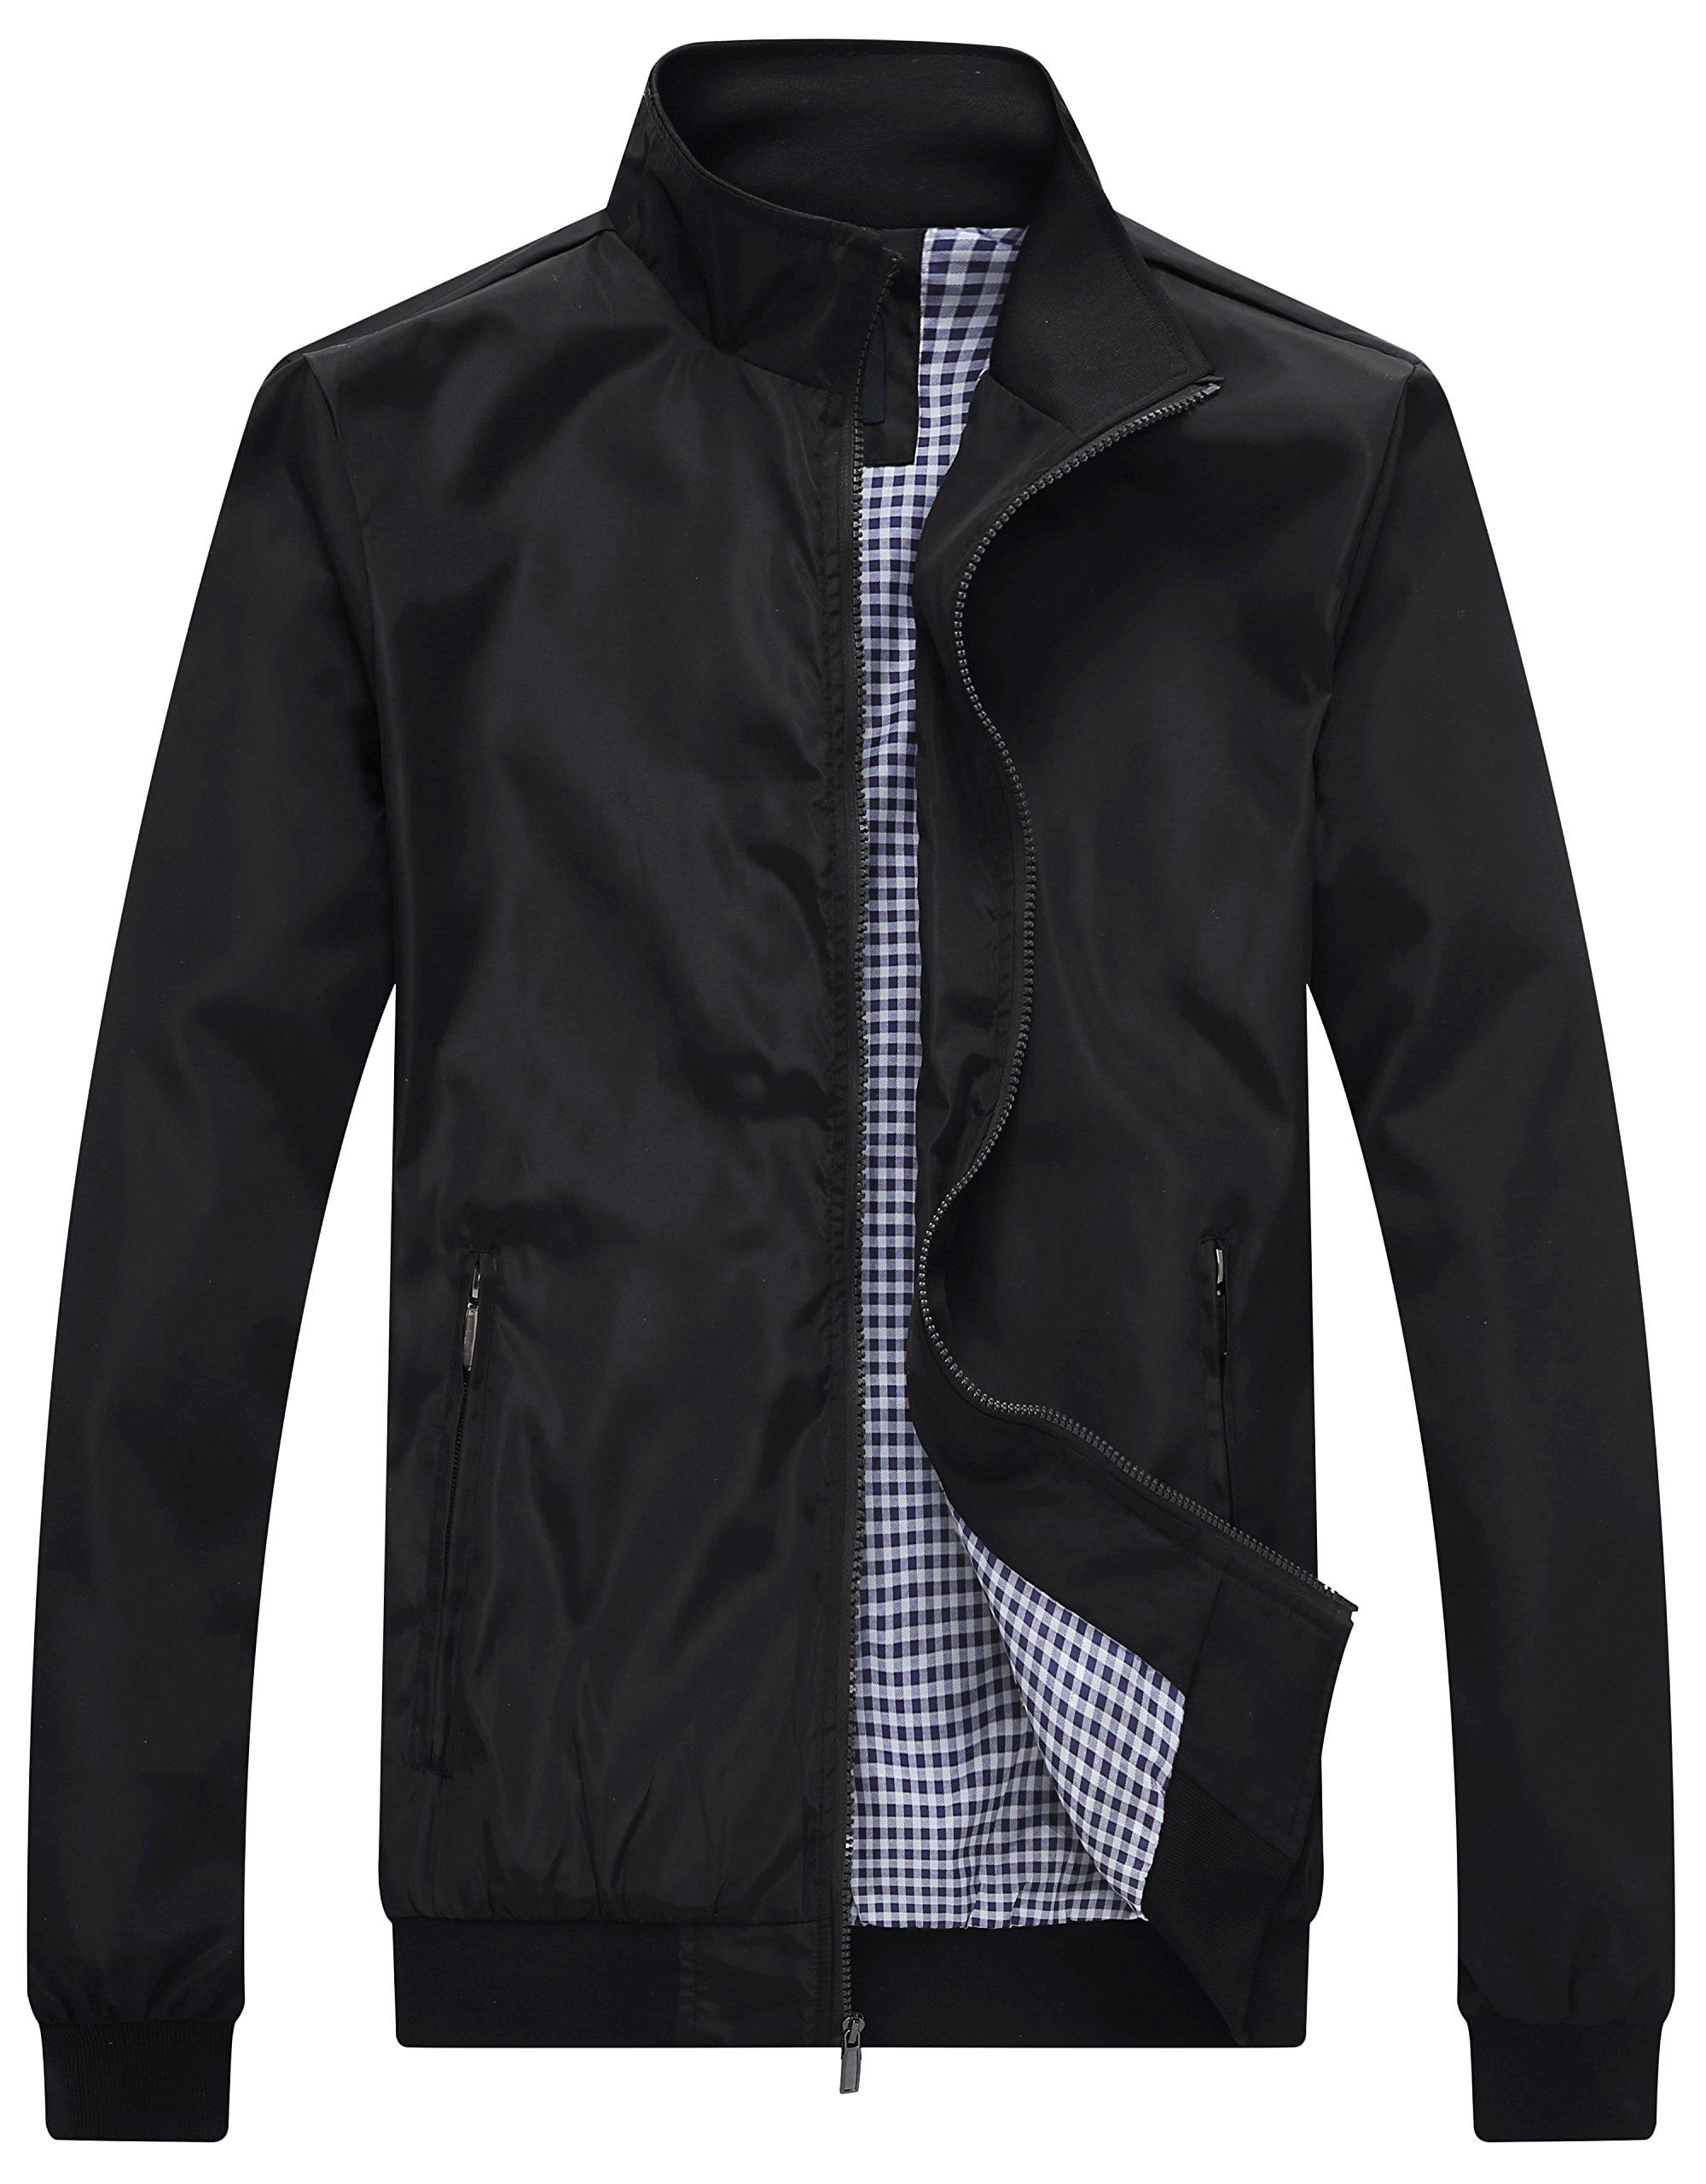 Wantdo Men's Lightweight Bomber Jacket Spring Windbreaker Casual Zip Outerwear